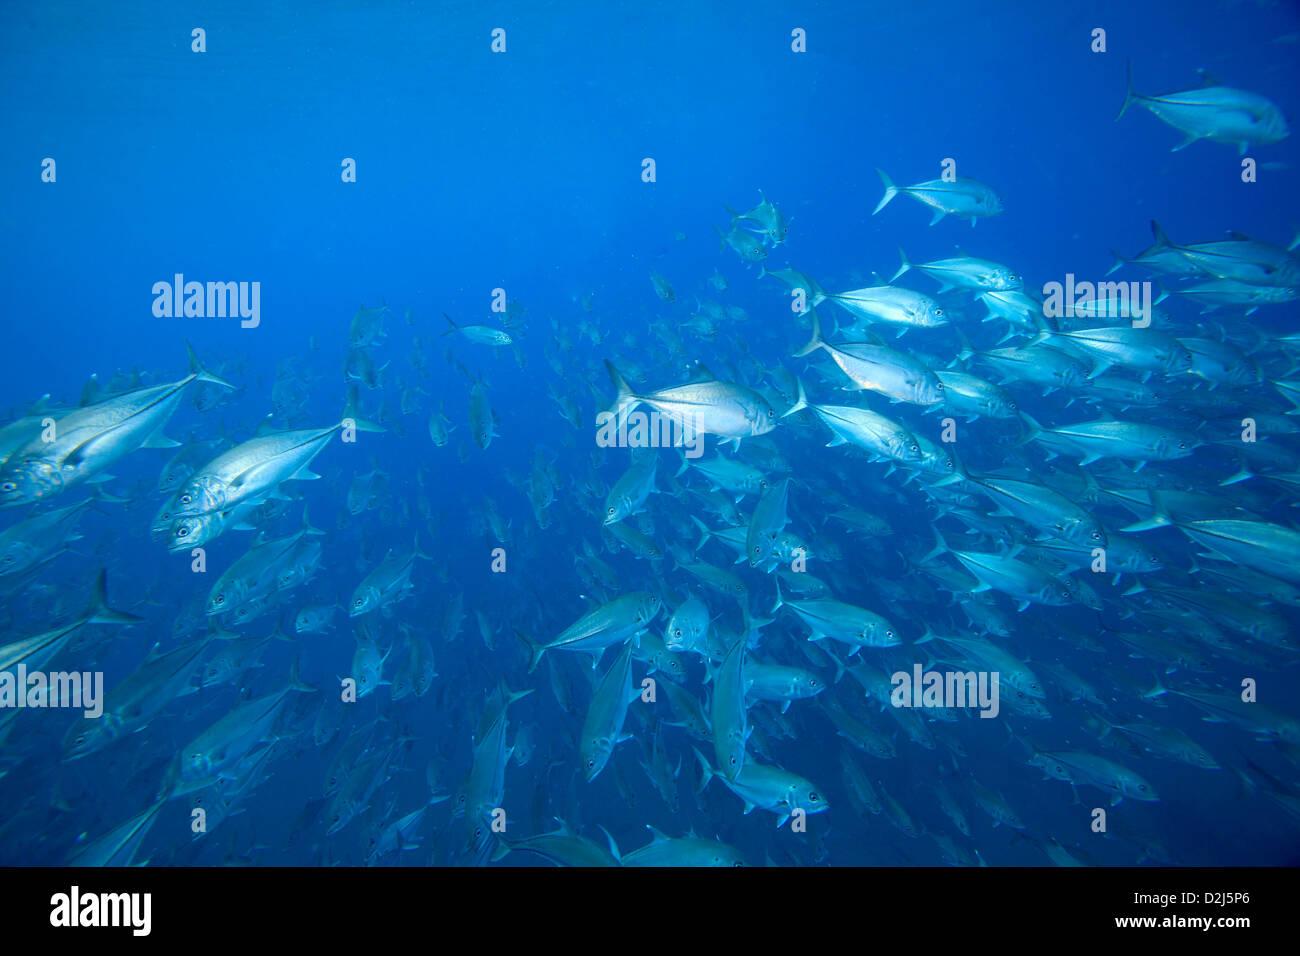 Eine große Schule Buben im klaren blauen Wasser am Cabo Pulmo National Marine Park, Mexiko. Stockfoto